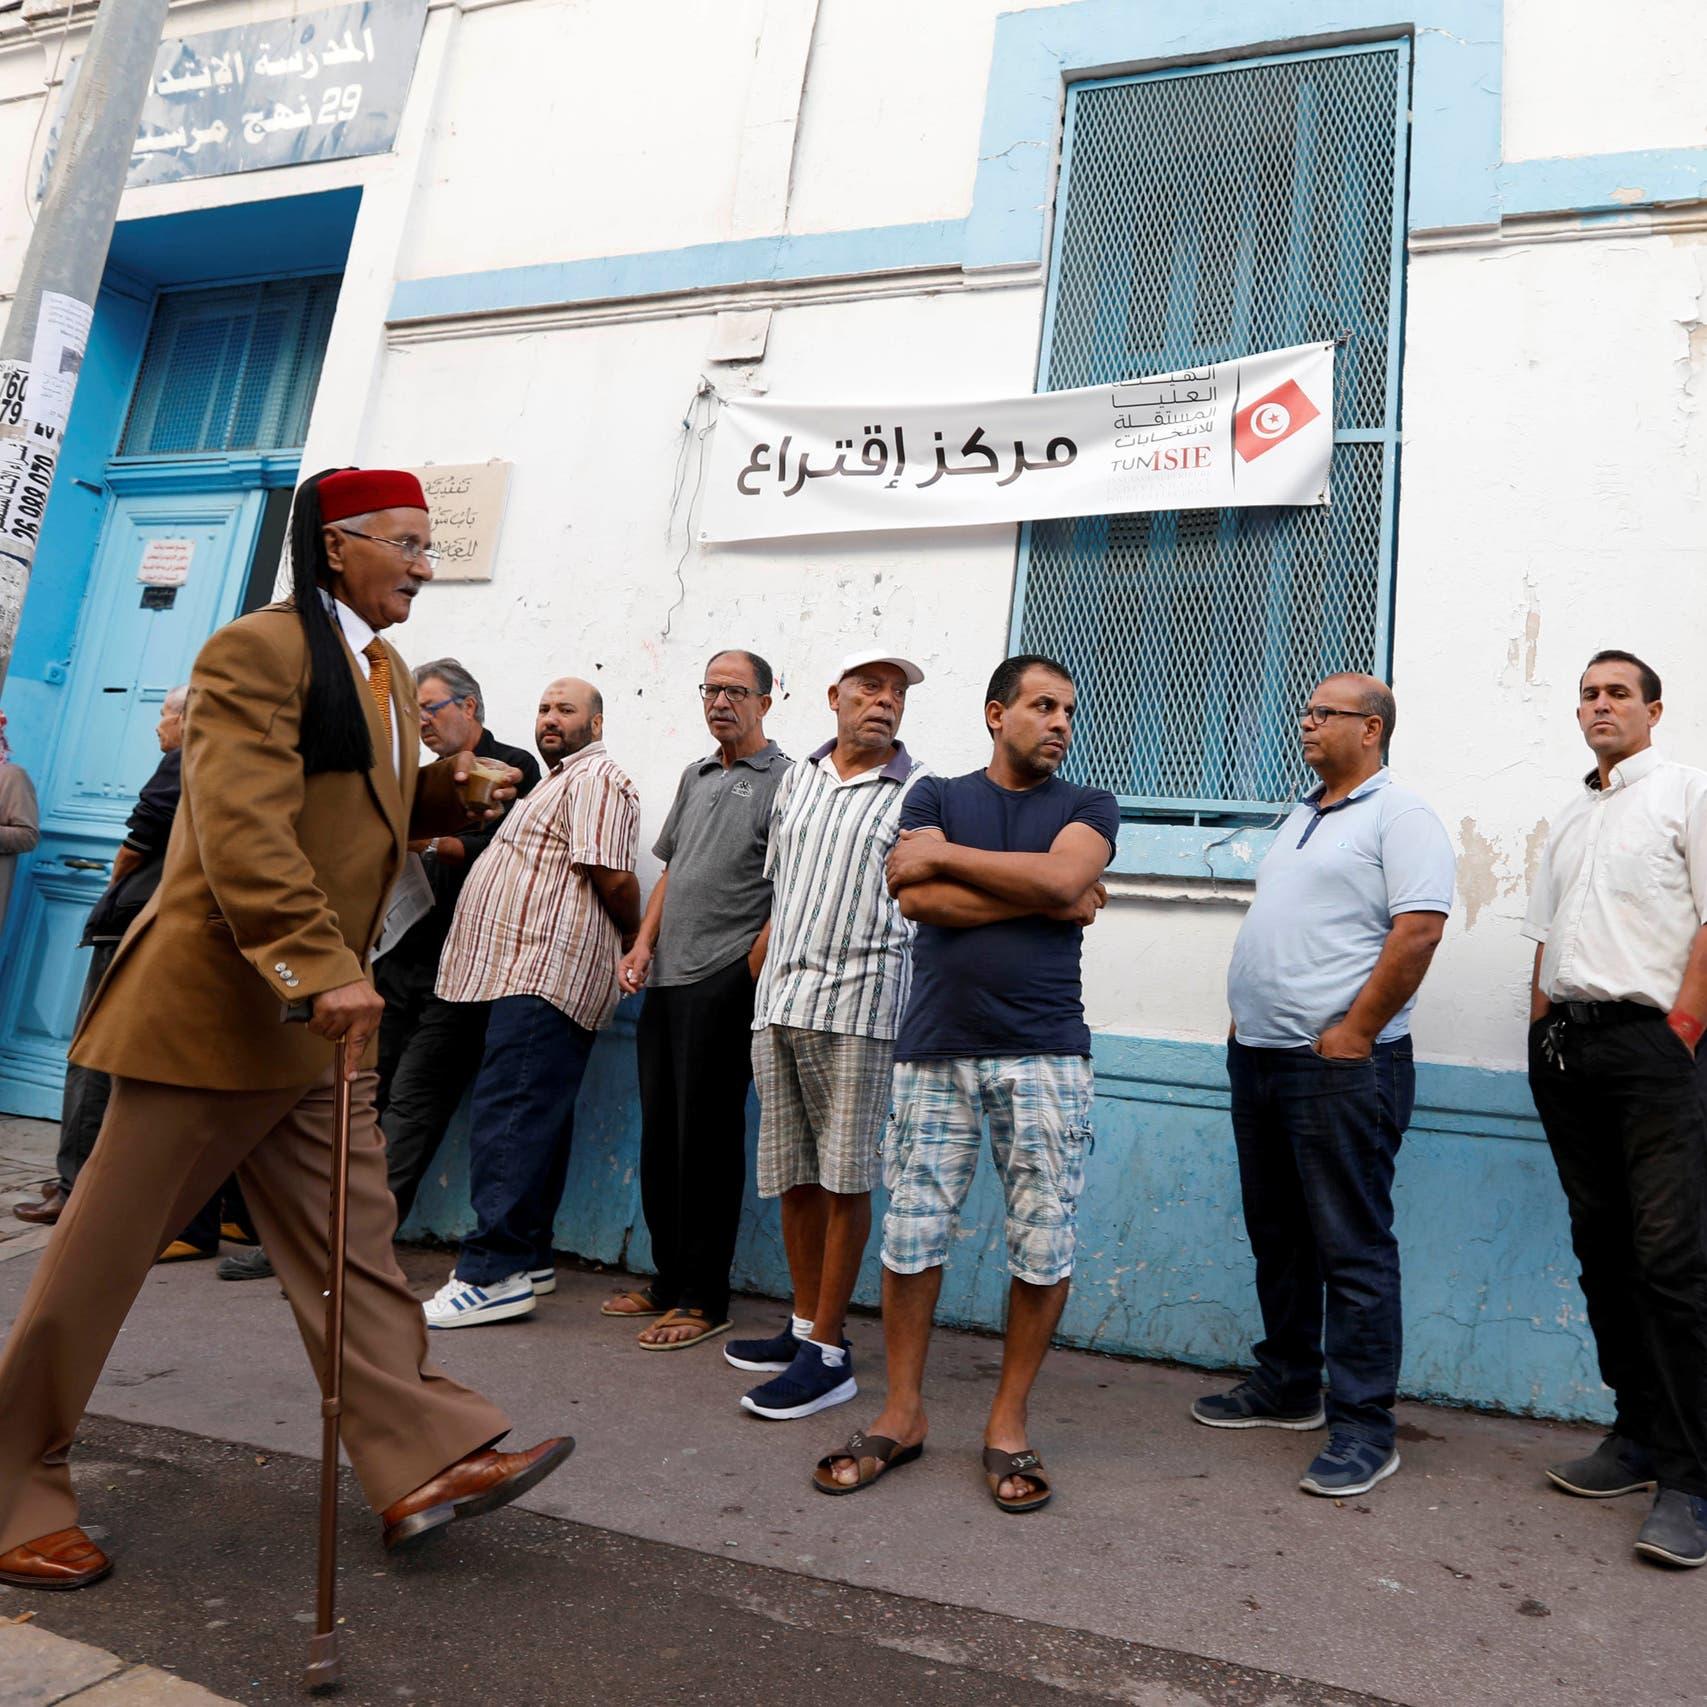 تونس: إصدار أحكام تتعلق بمخالفات ارتكبت بانتخابات 2019